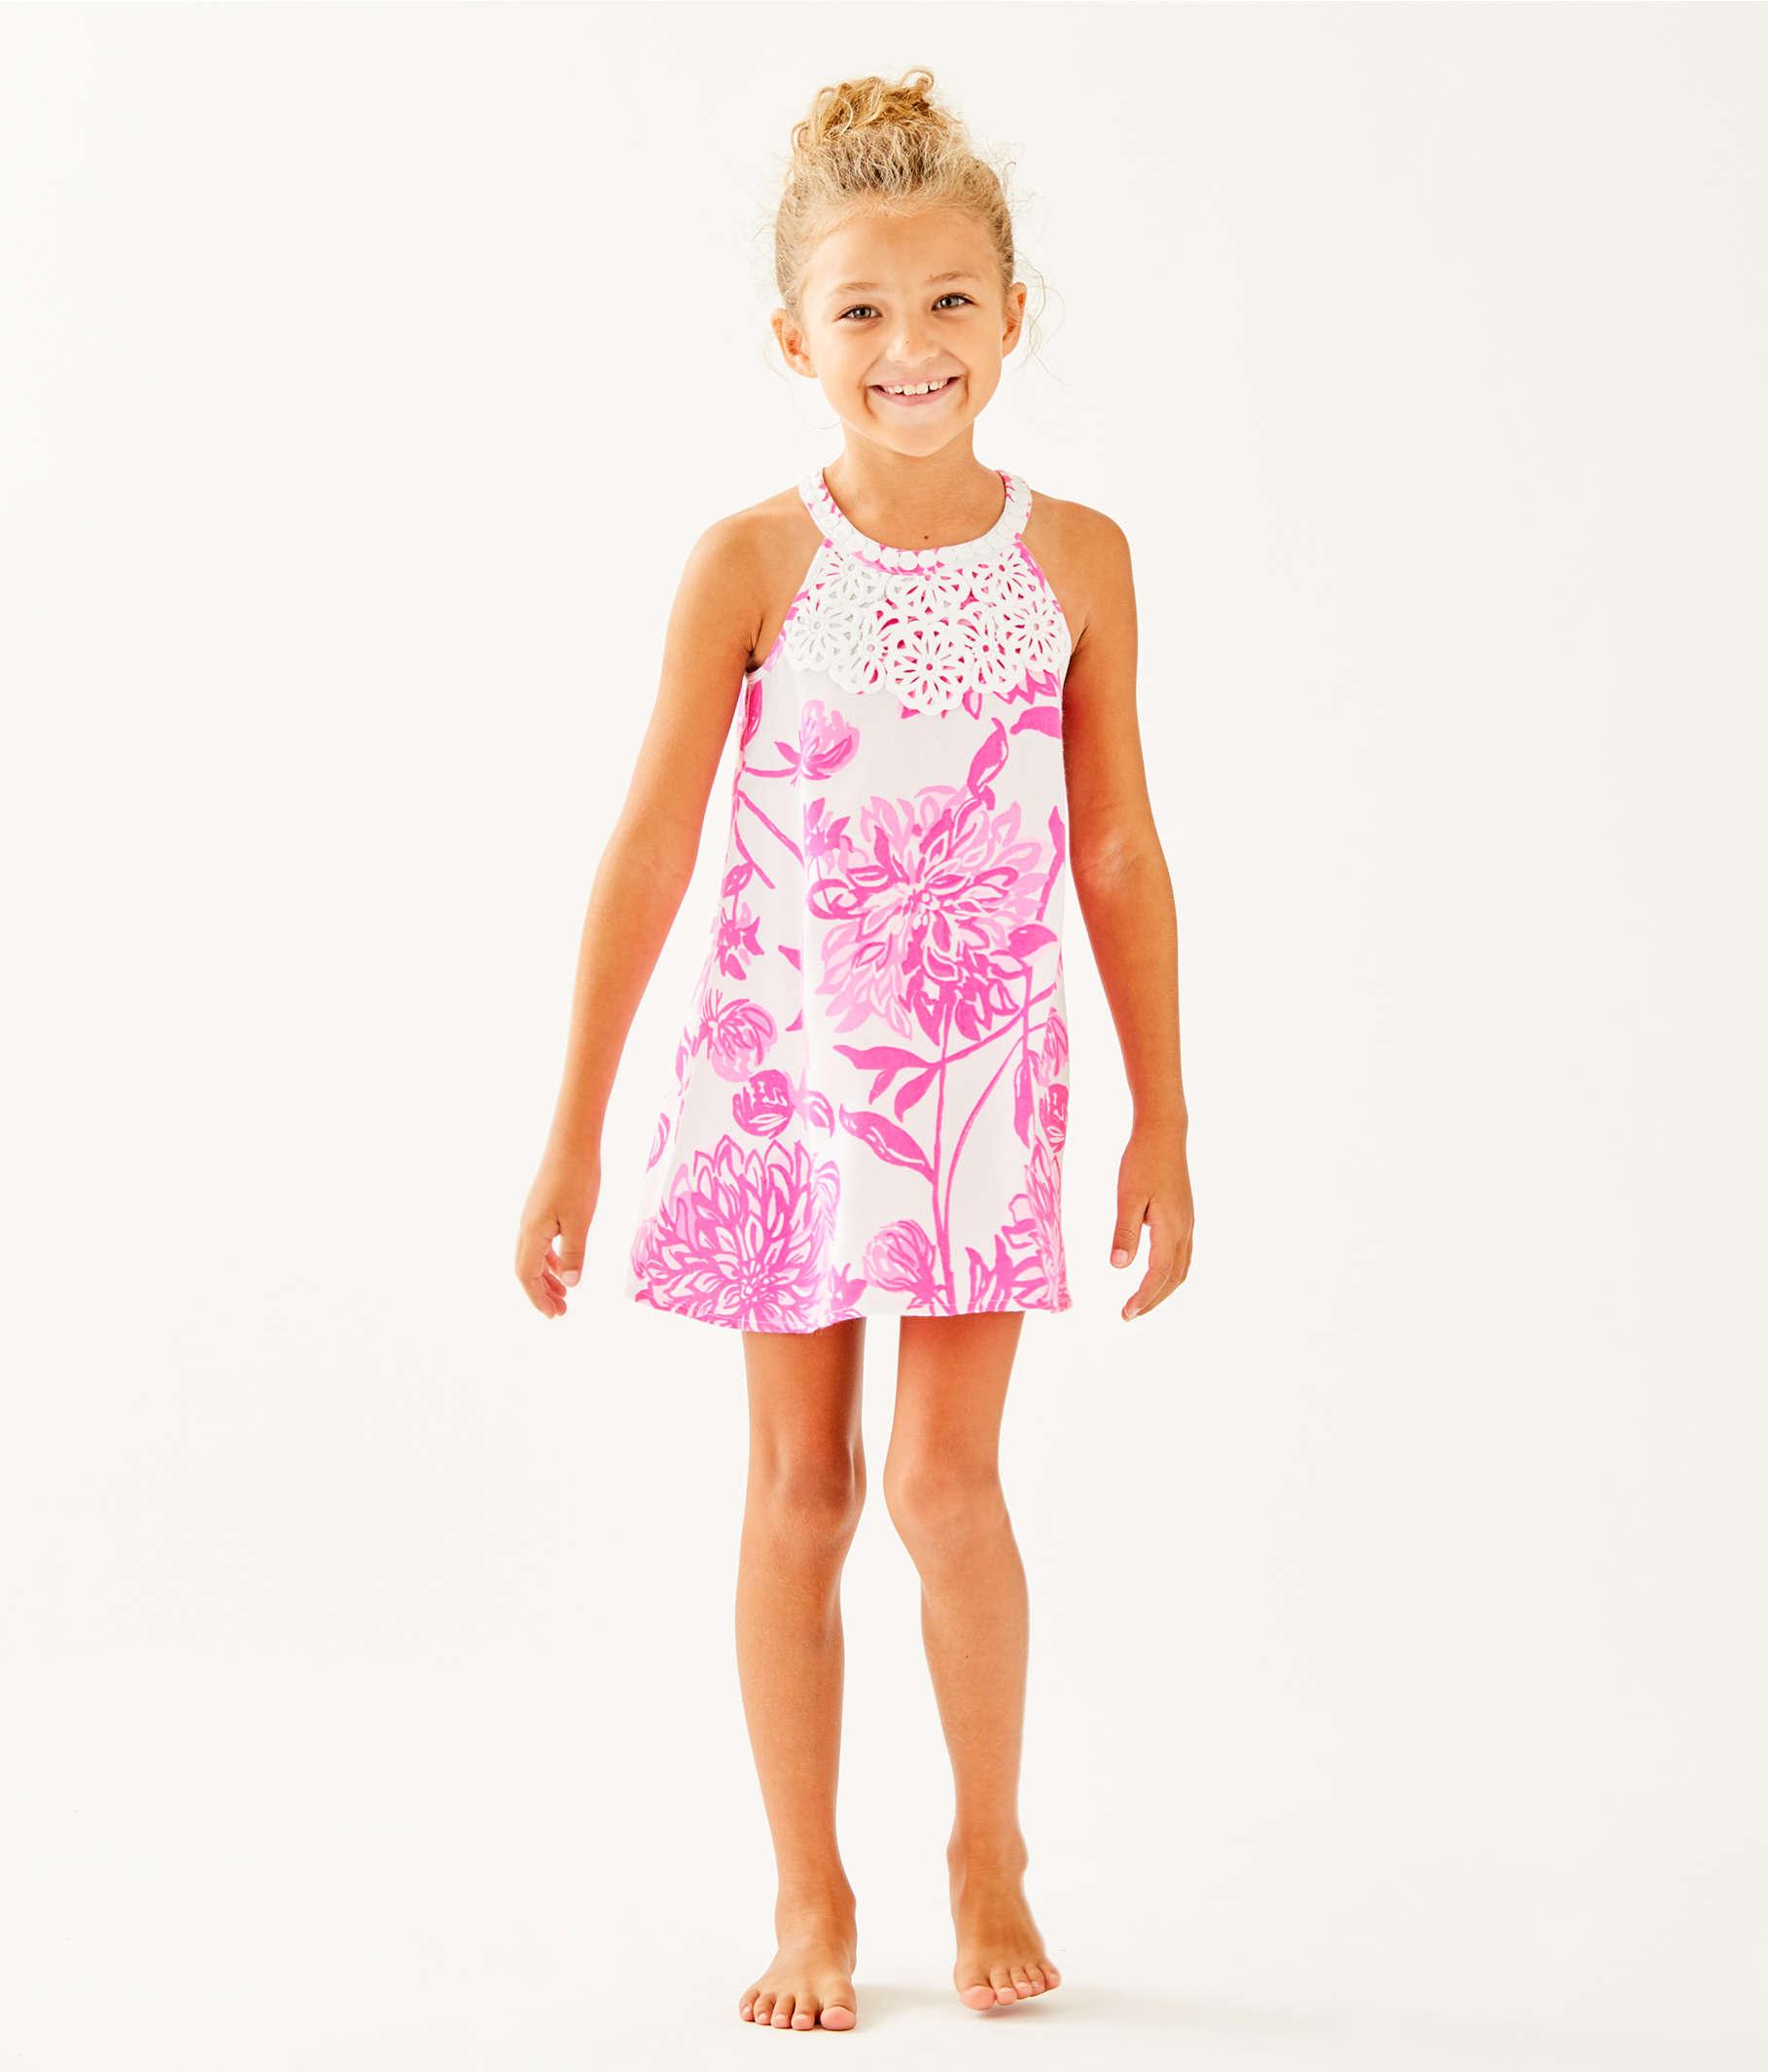 b194cf2fdc3 ... Girls Mini Pearl Shift Dress